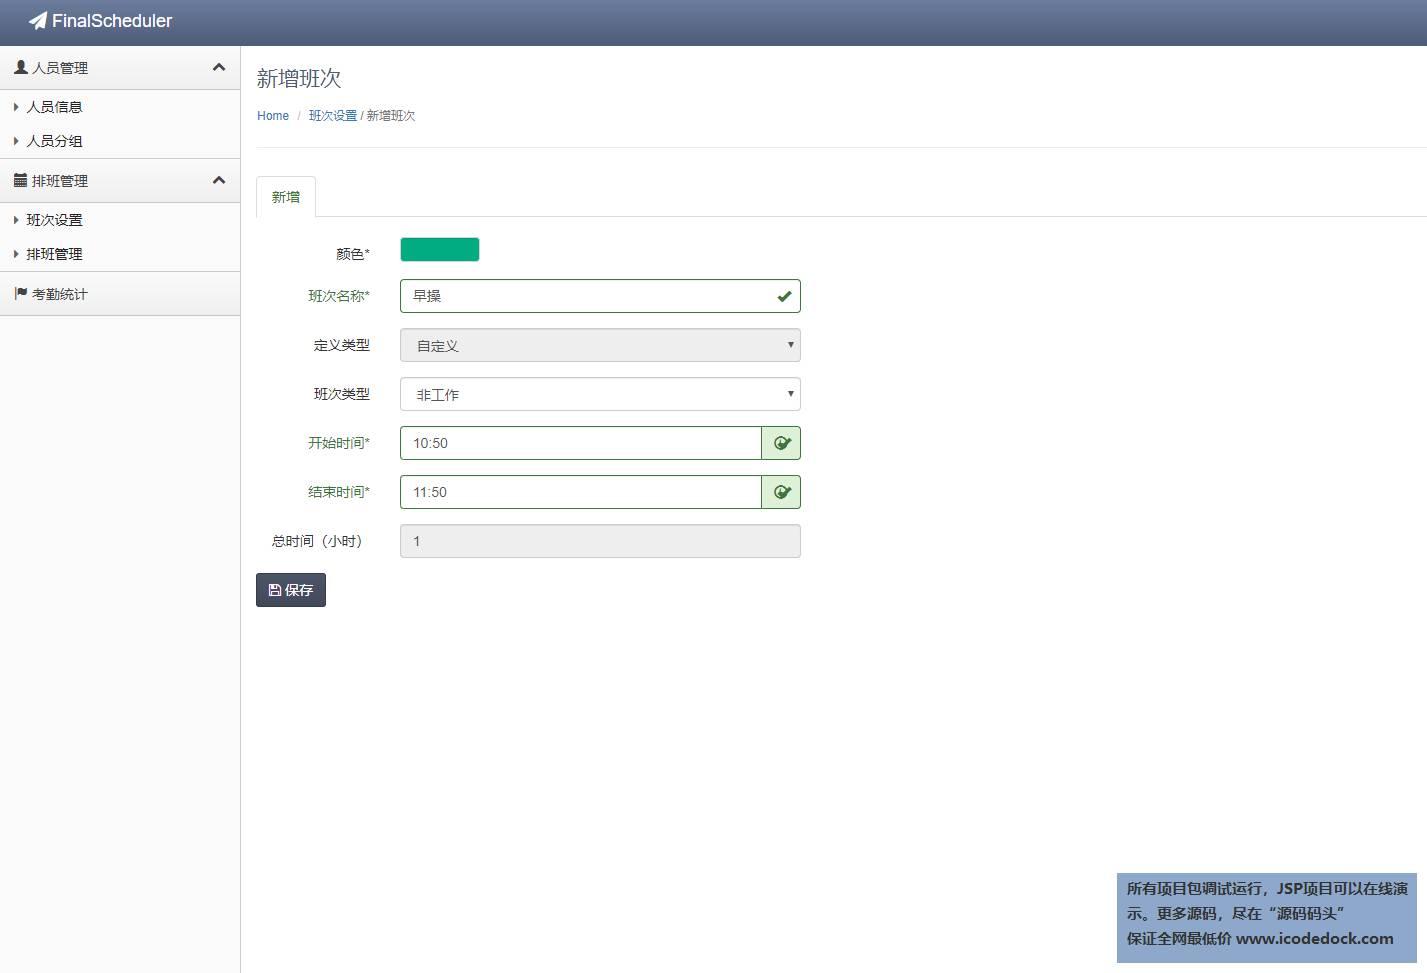 源码码头-Spring自动排班管理系统-管理员角色-增加班次